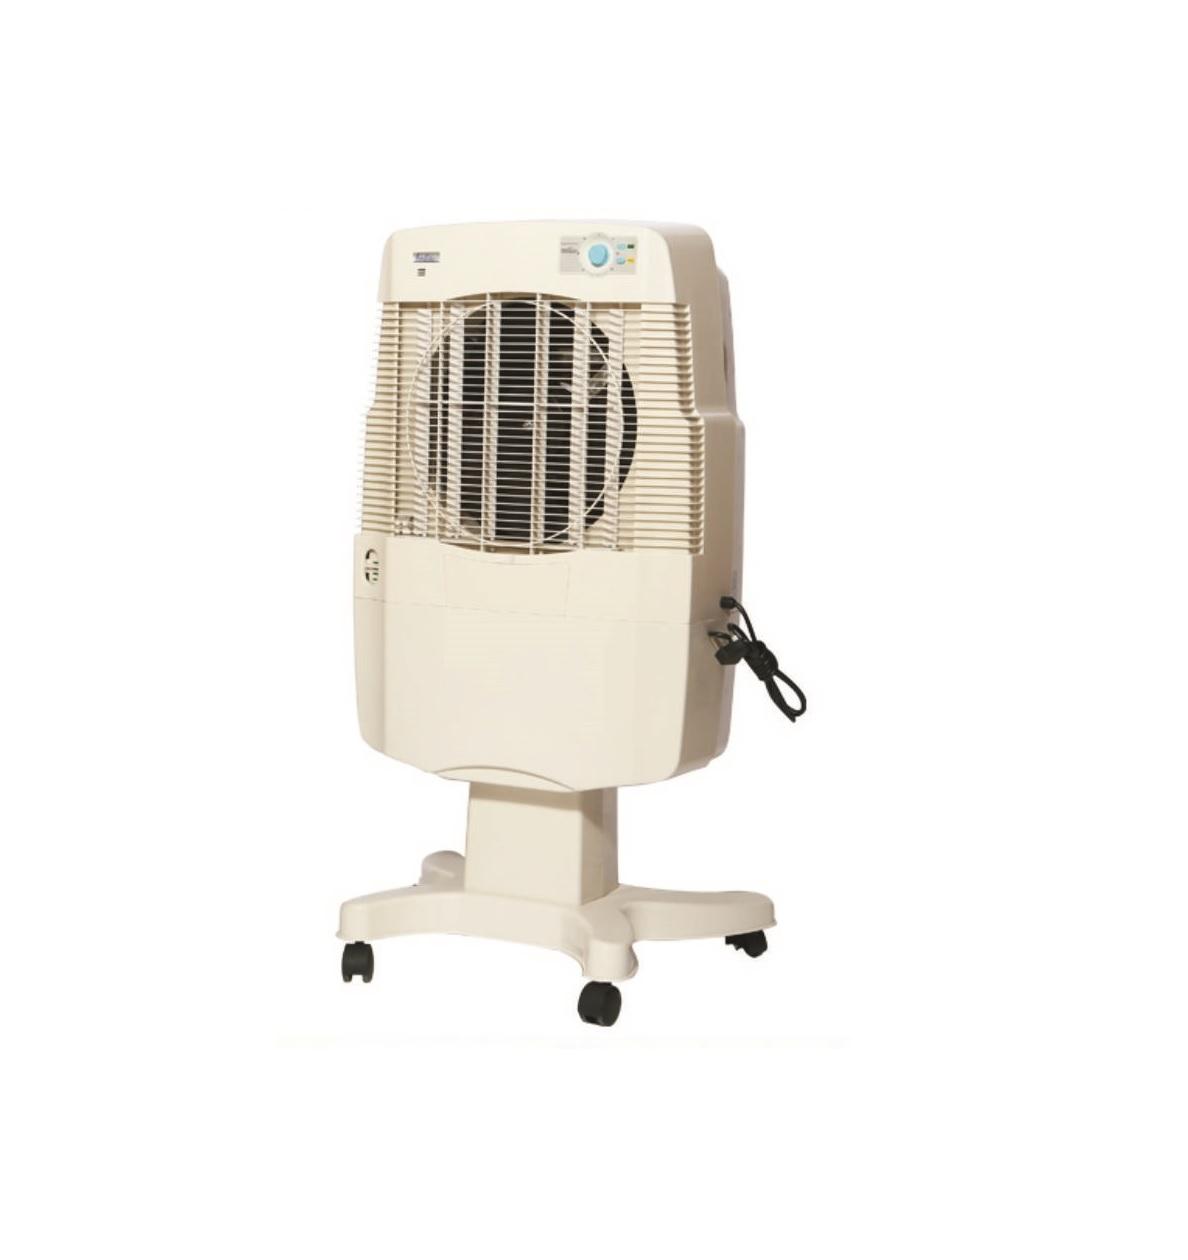 Personal Air Cooler : Personal air cooler evapoler